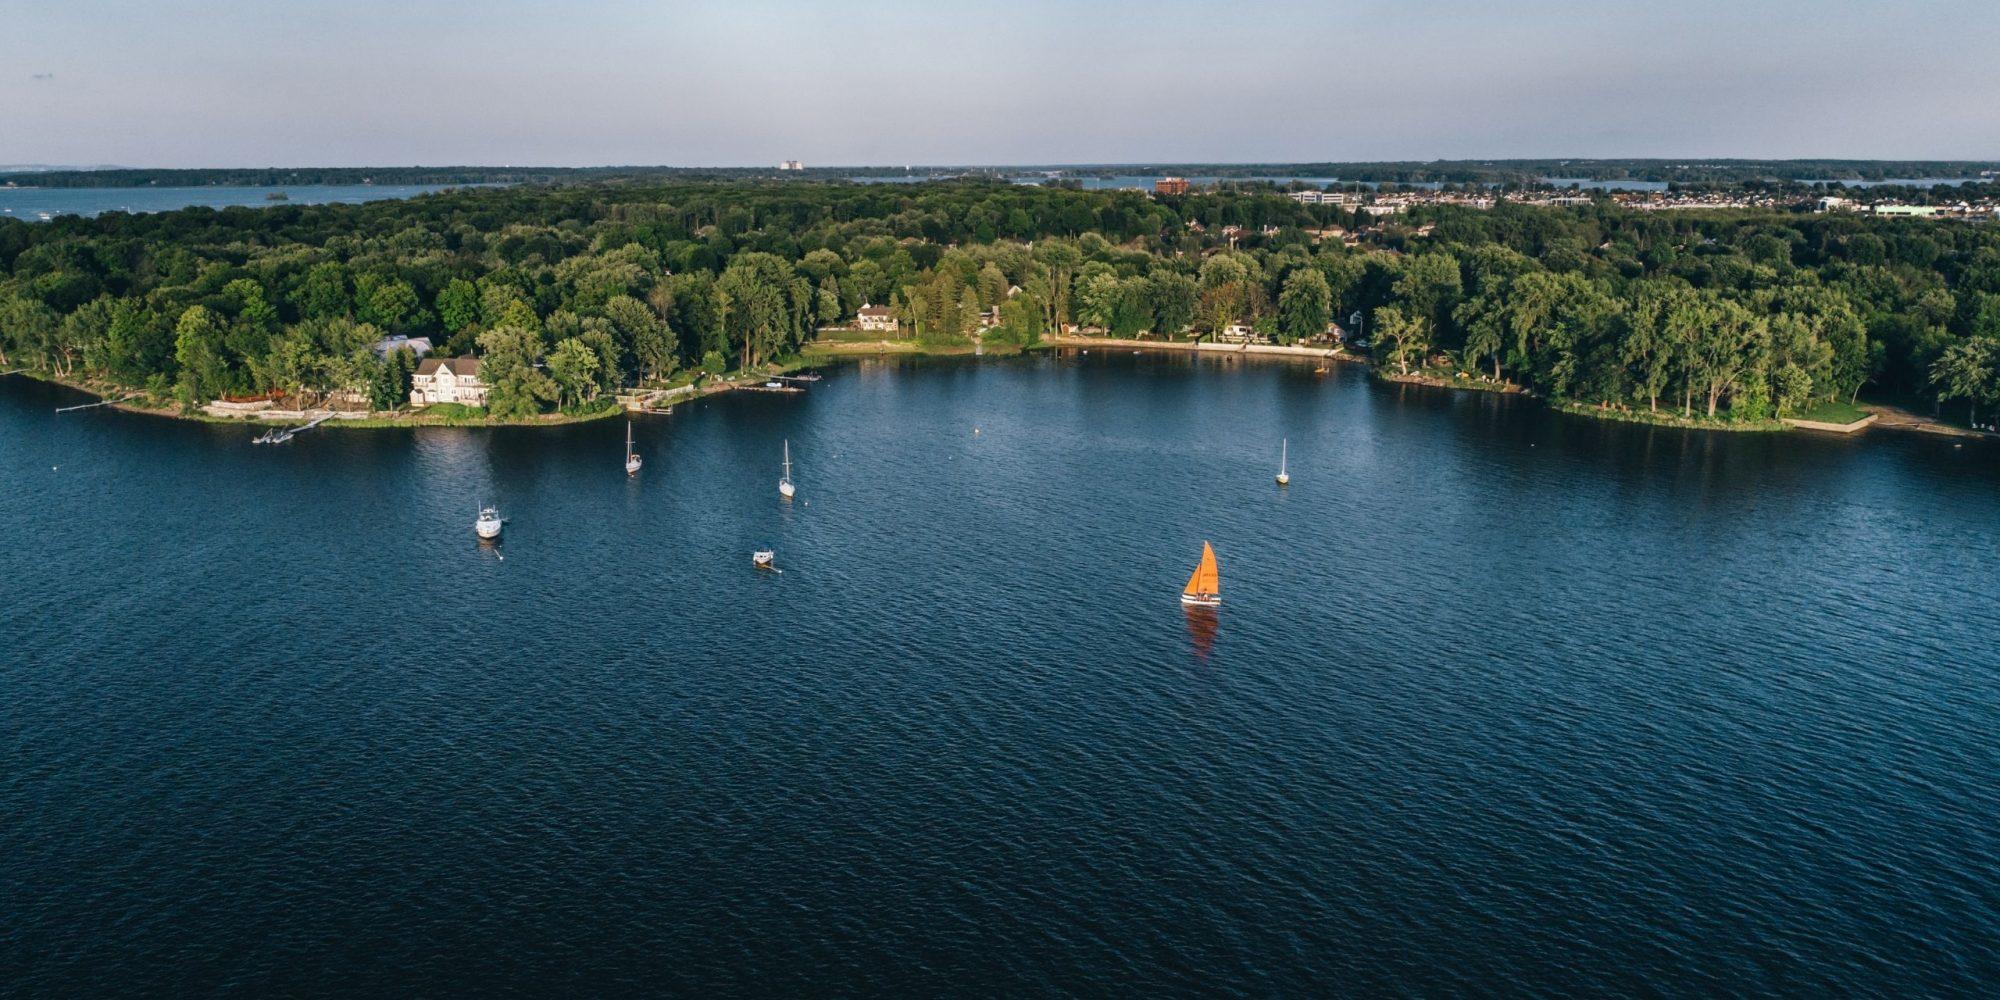 Profiter des plaisirs nautiques et de la baignade dans Vaudreuil-Soulanges